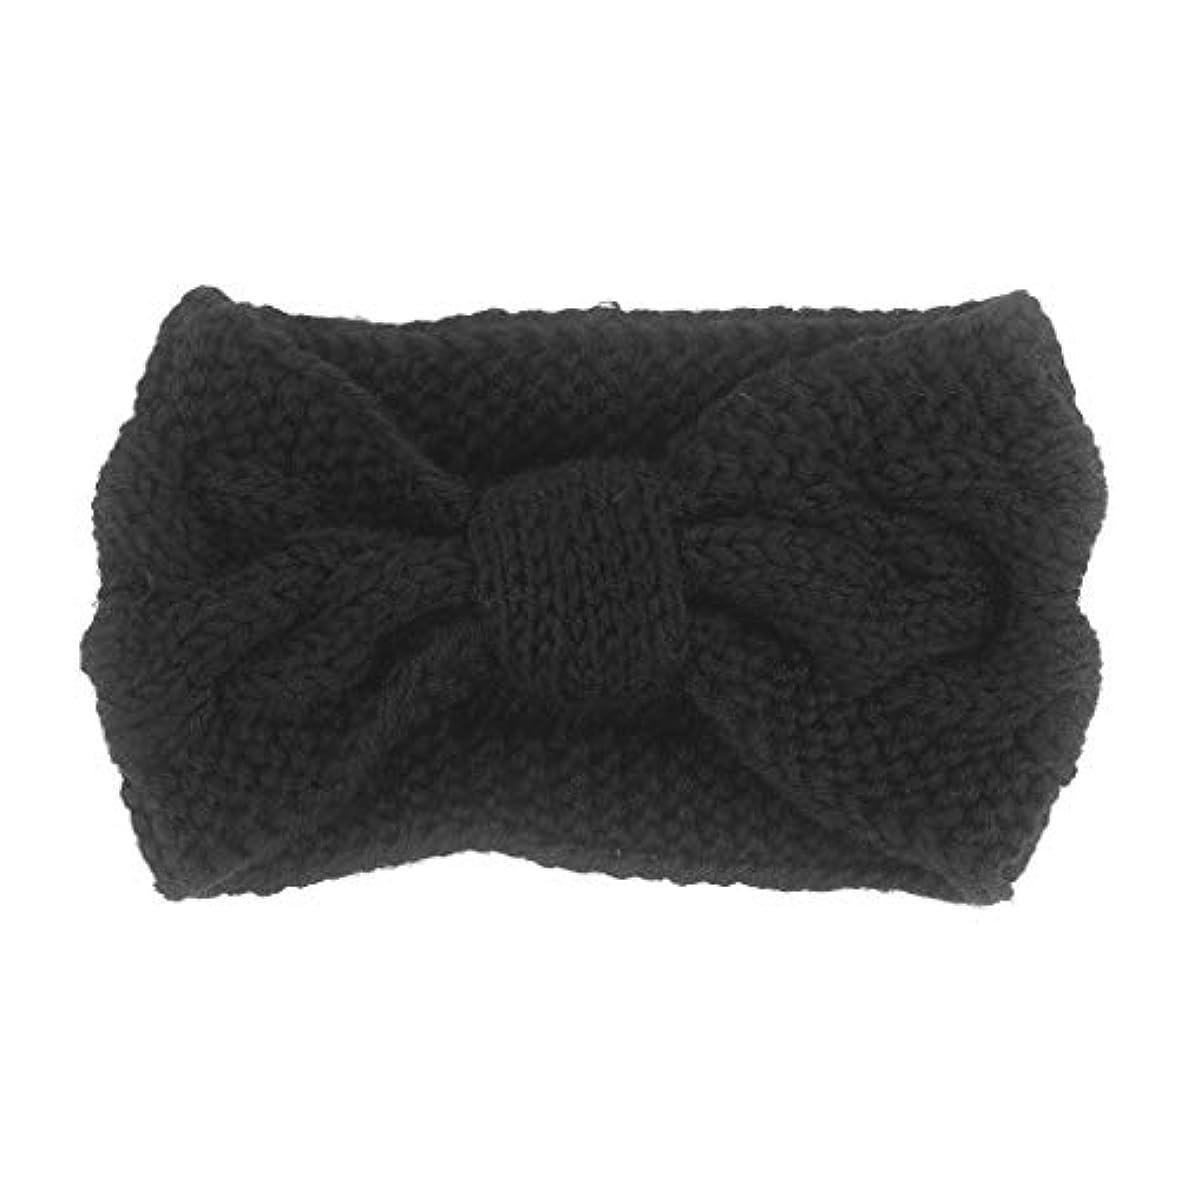 ジョージスティーブンソンバンケット実際に1st market 丈夫なニットヘアバンドかぎ針編みツイスト耳暖かい冬編組ヘッドラップ用女性女の子